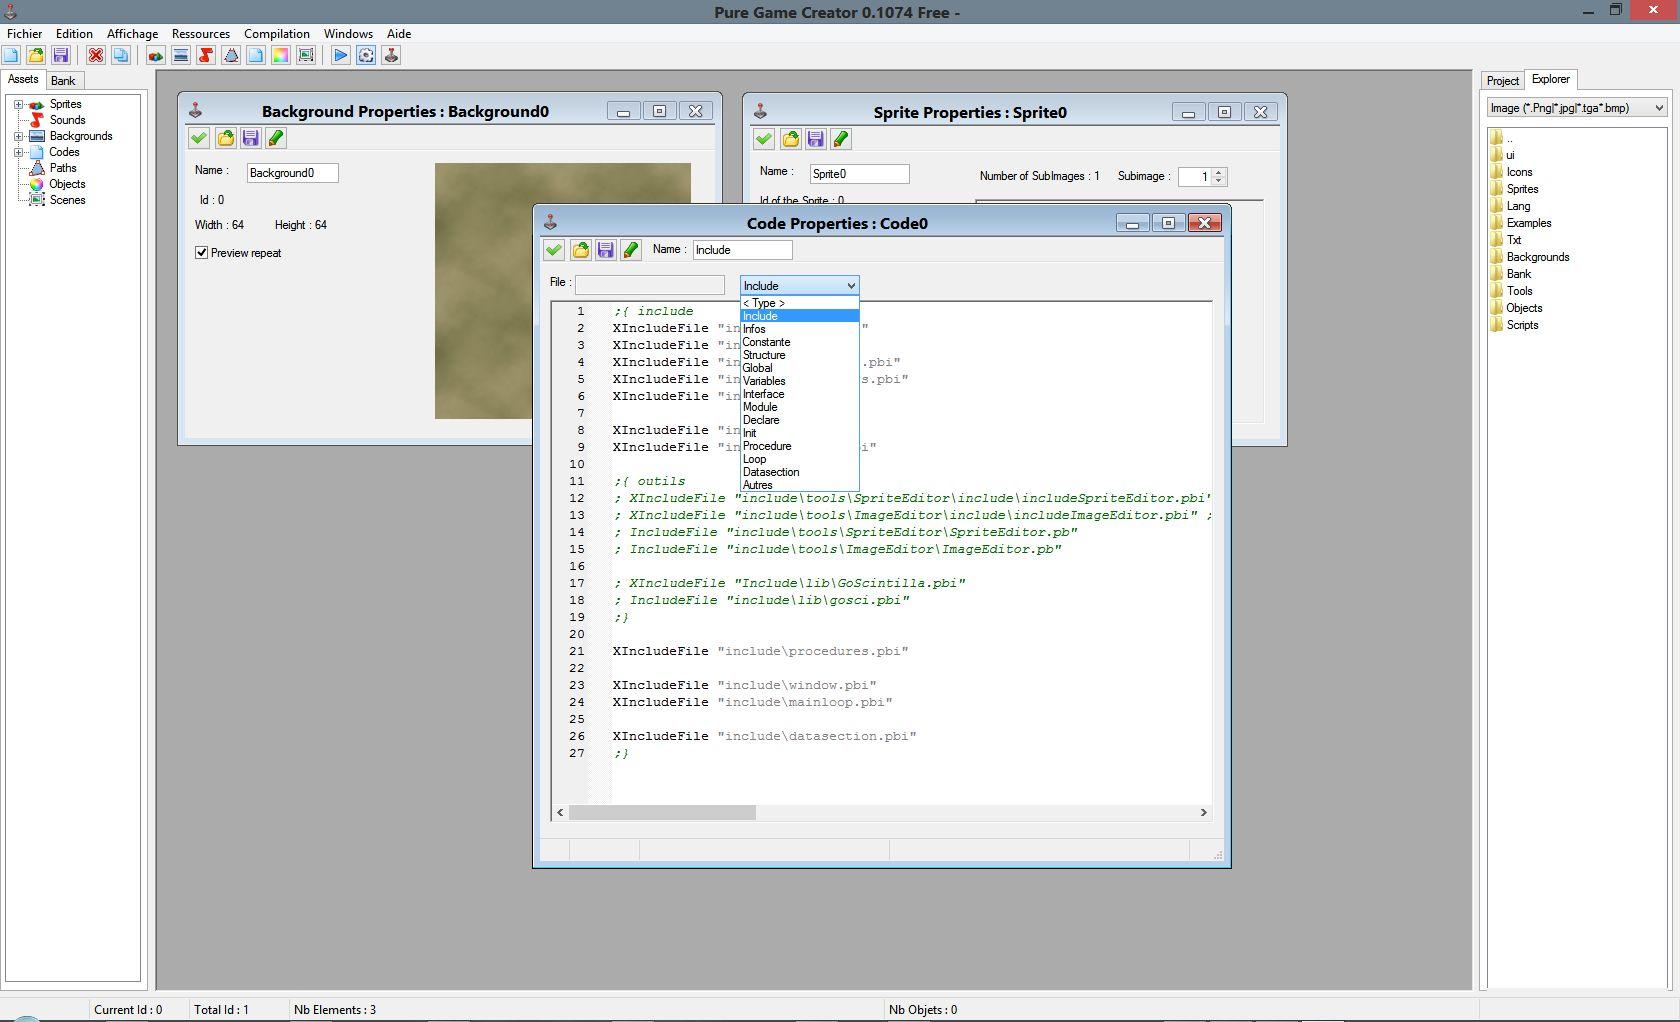 Logiciel : Editeur de jeu Screenshot0.1_code